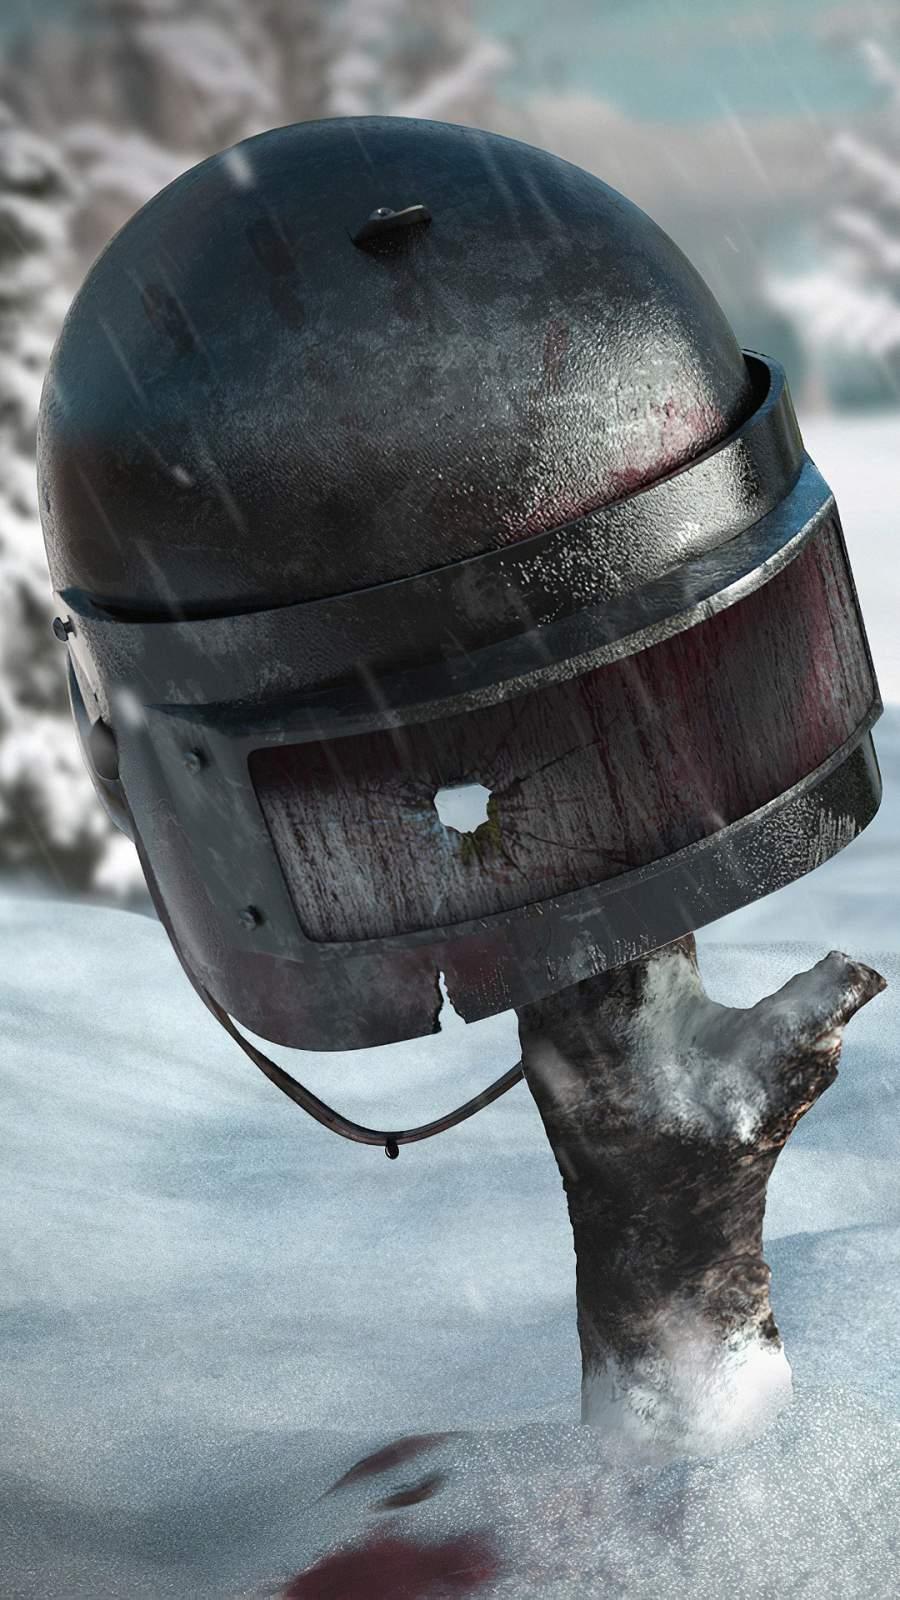 PUBG 4K Helmet iPhone Wallpaper - iPhone Wallpapers ...